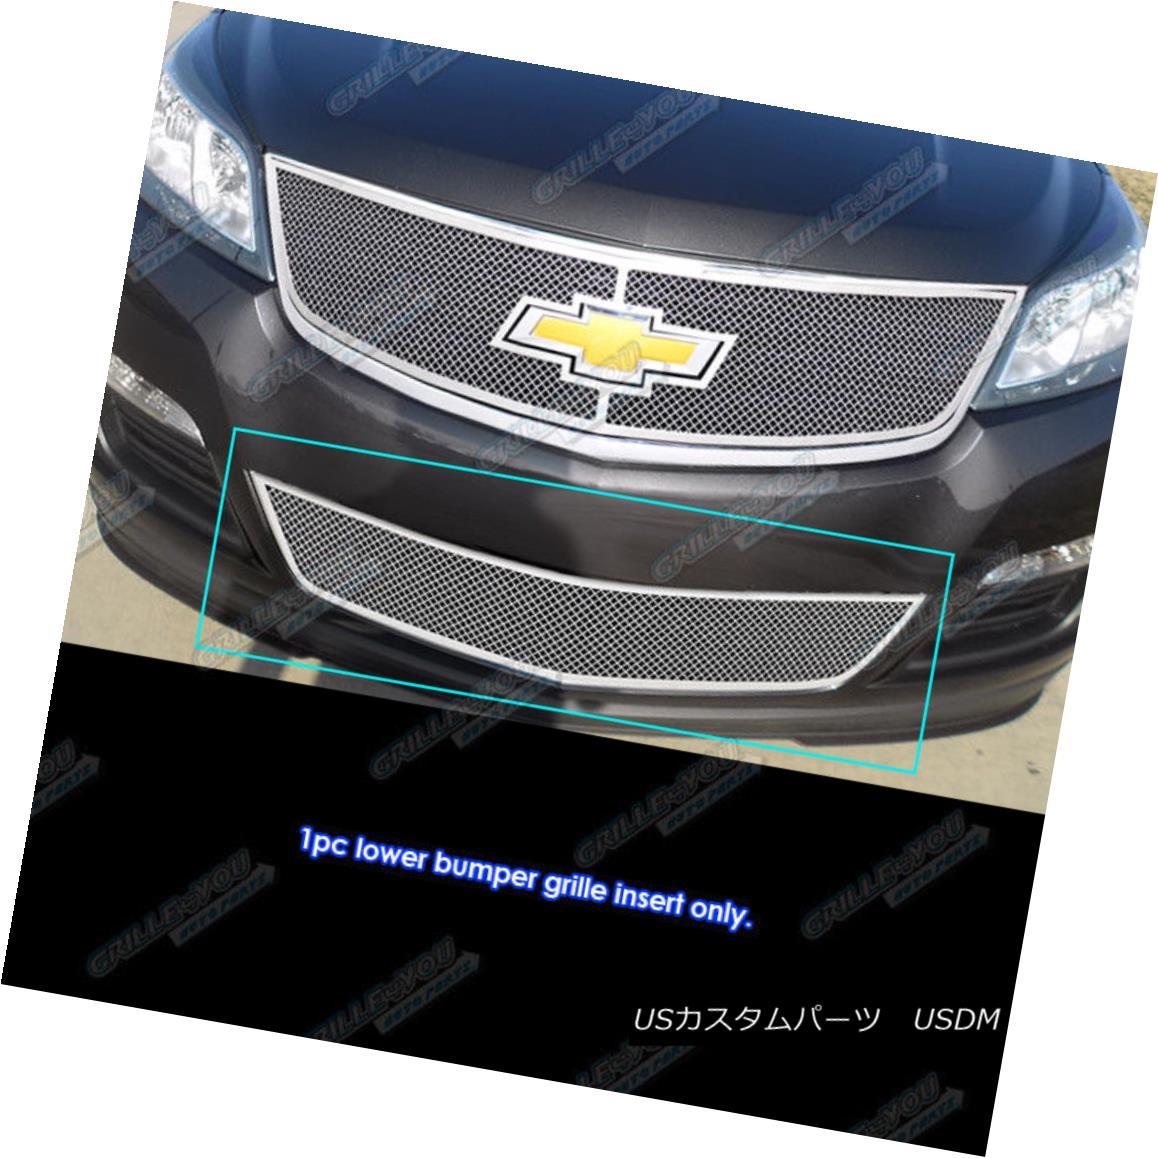 グリル For 2013-2016 Chevy Traverse Stainless Steel Bumper Mesh Grille Insert 2013-2016シボレートラバースステンレスバンパーメッシュグリルインサート用